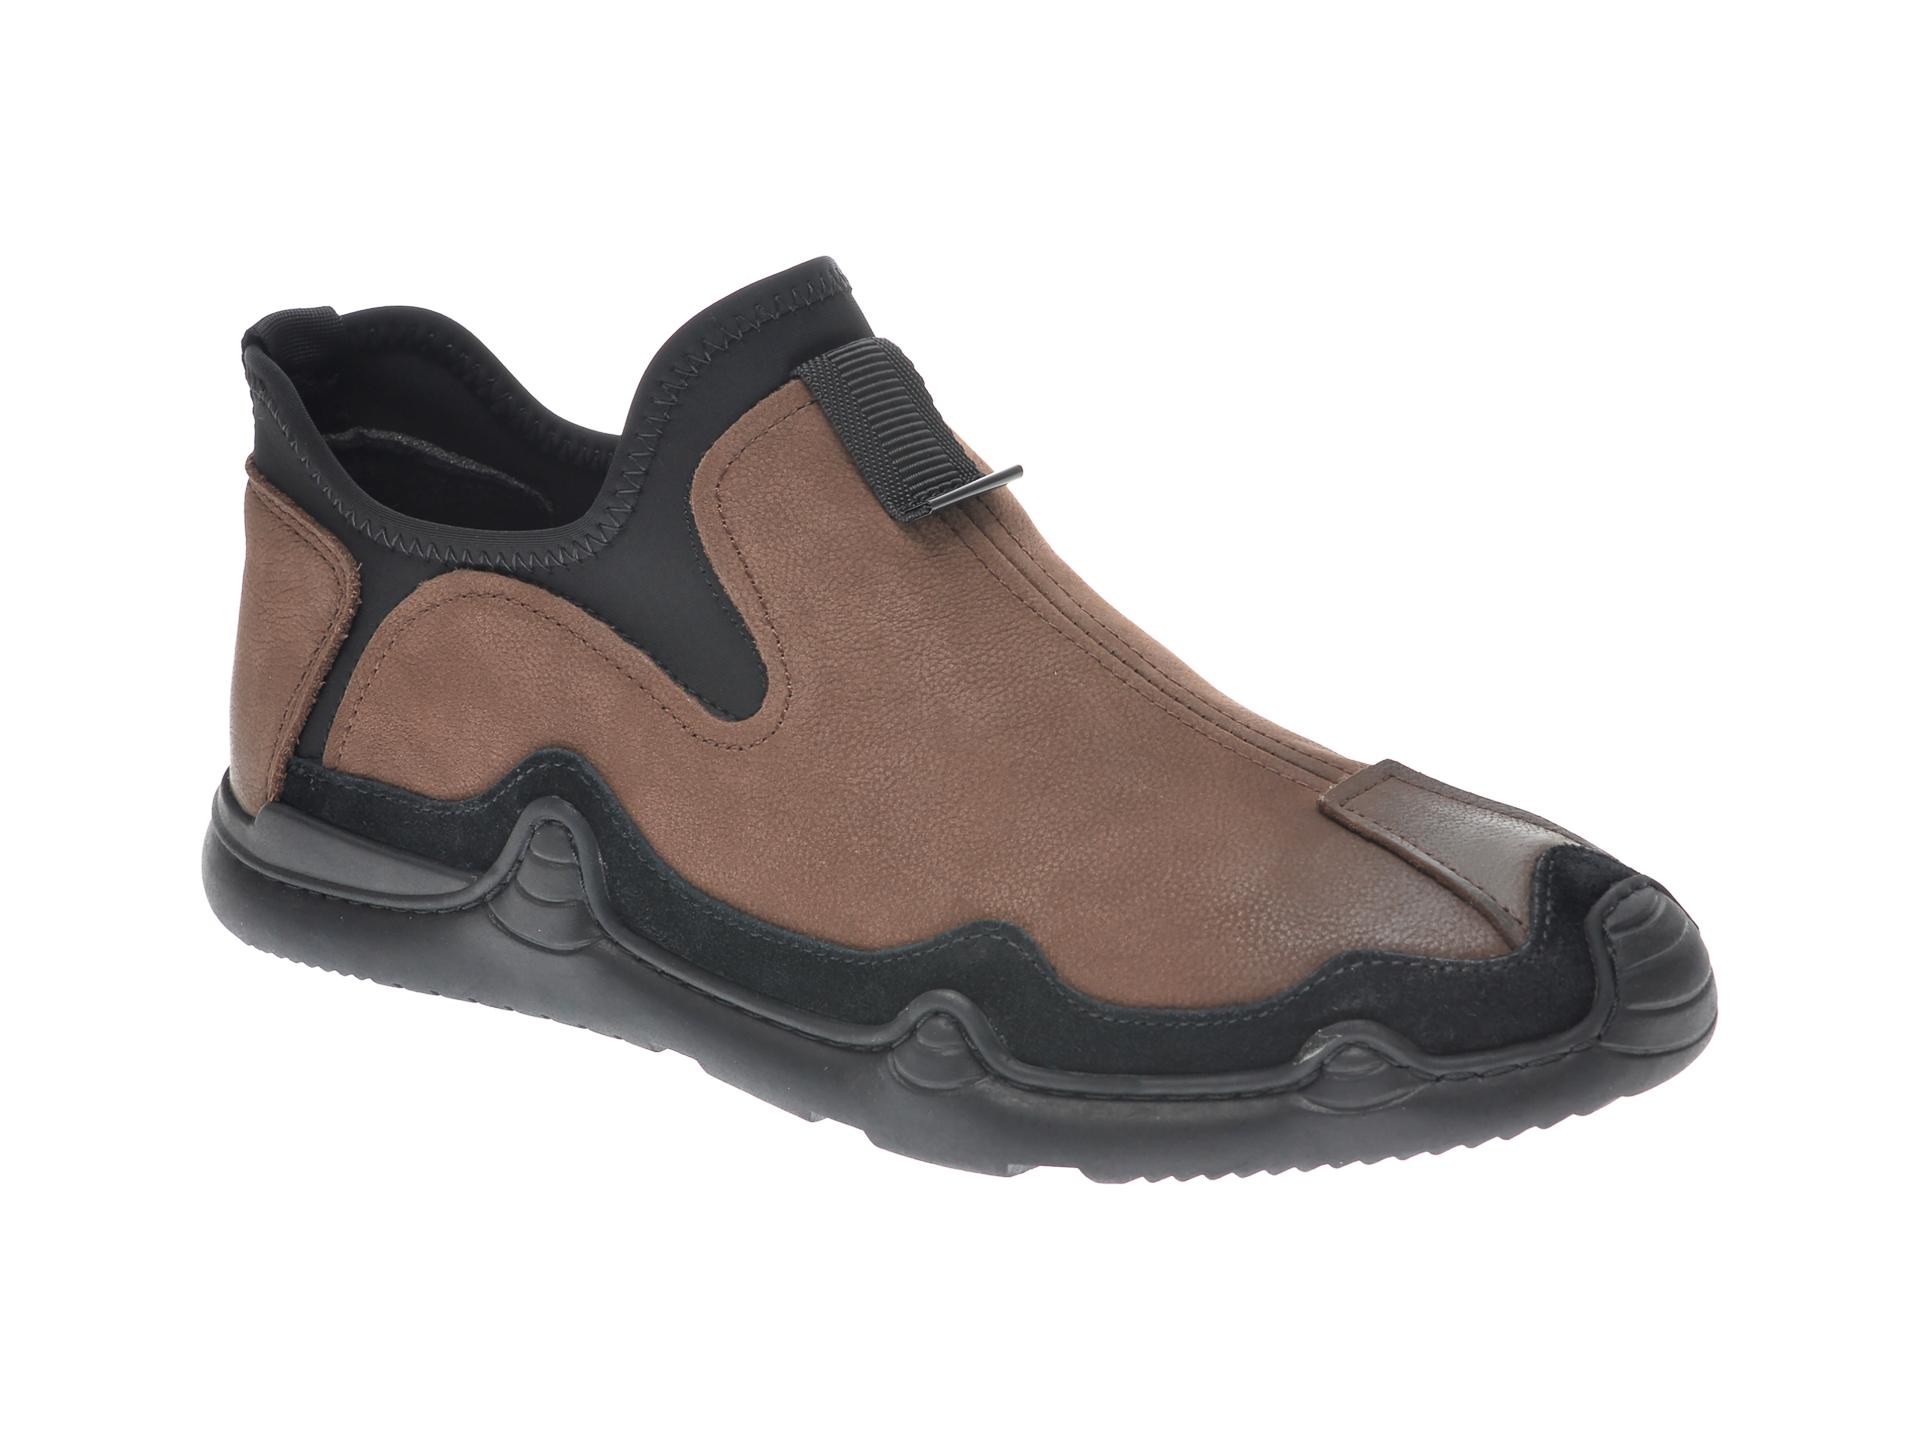 Pantofi GRYXX maro, M803802, din piele naturala New